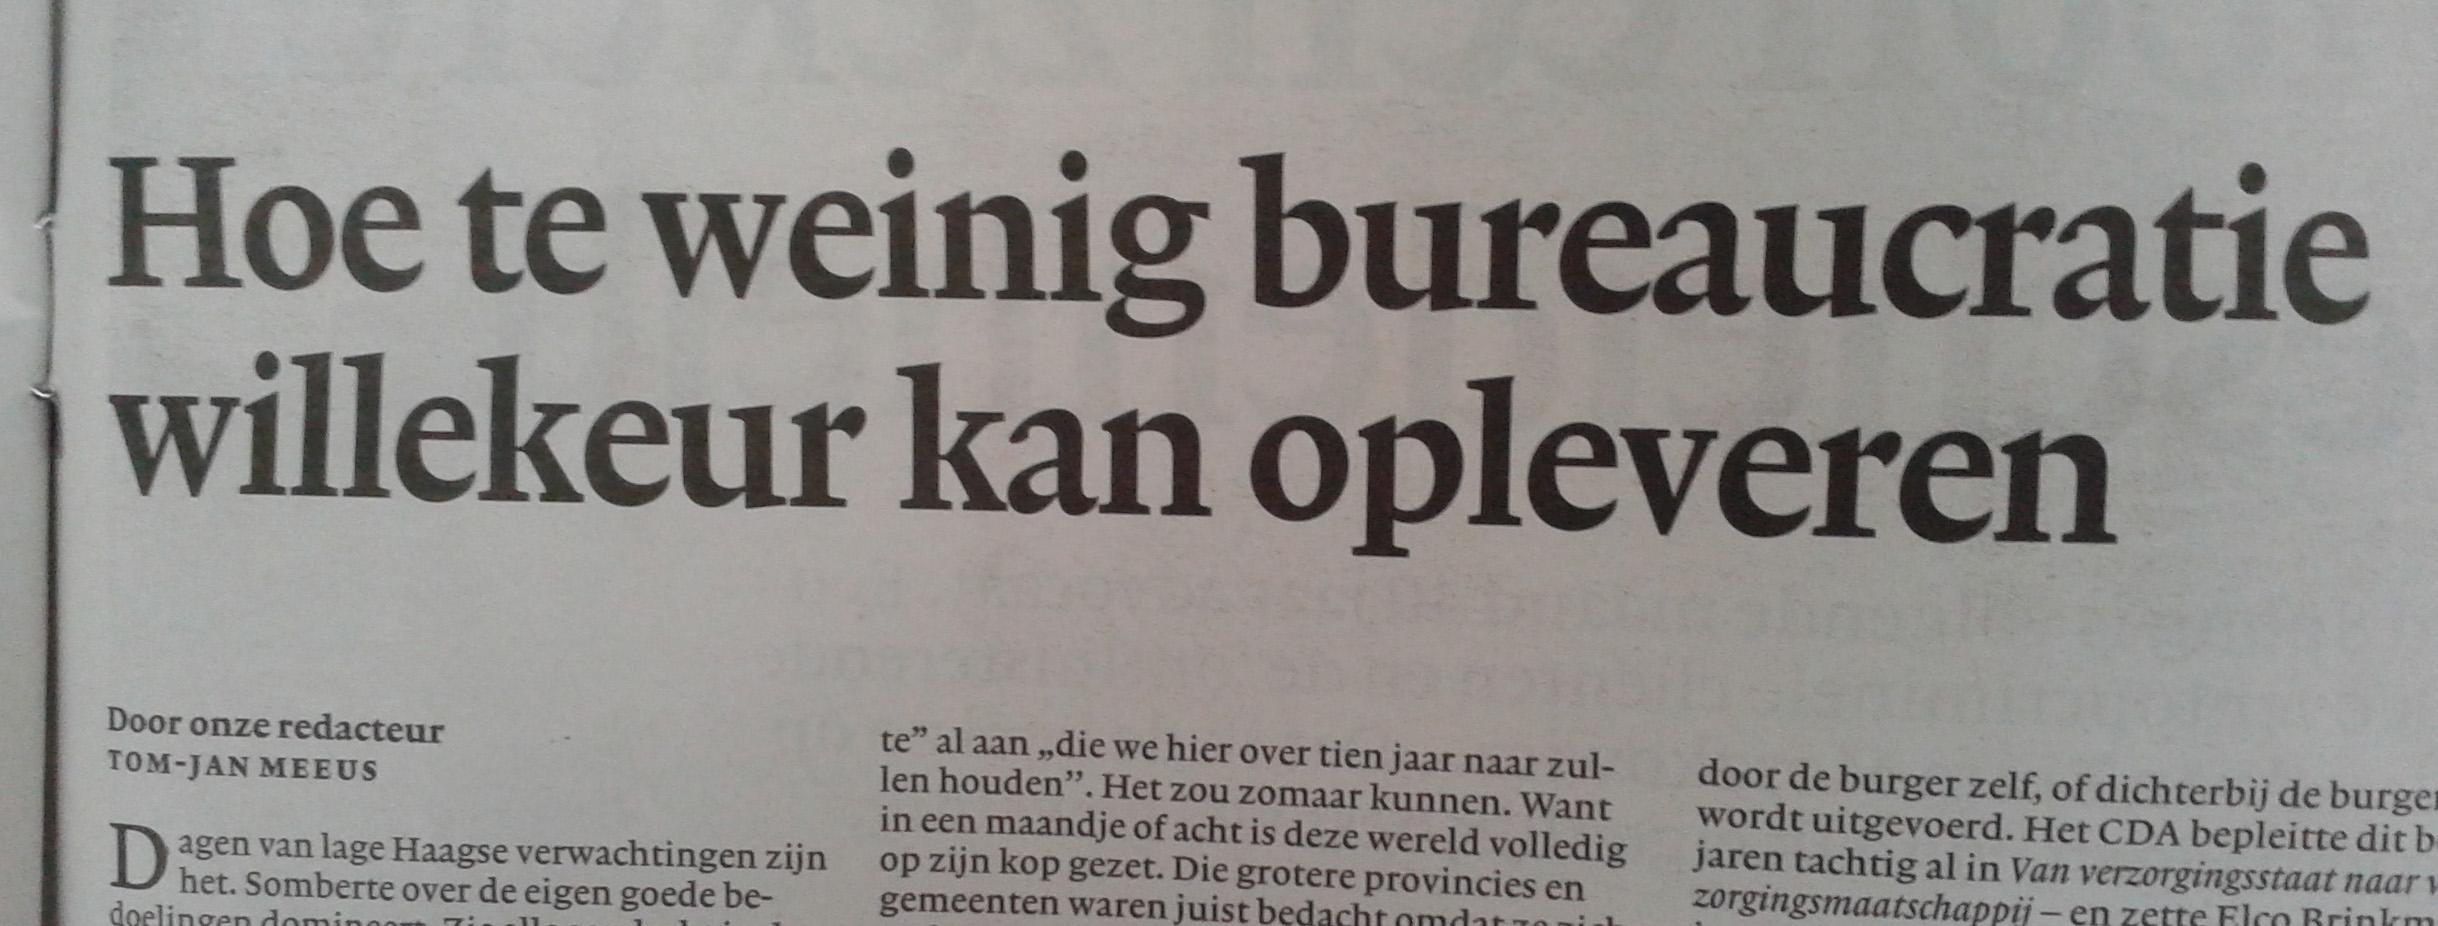 willekeur-bureaucratie-kop-2013-05-25-202115